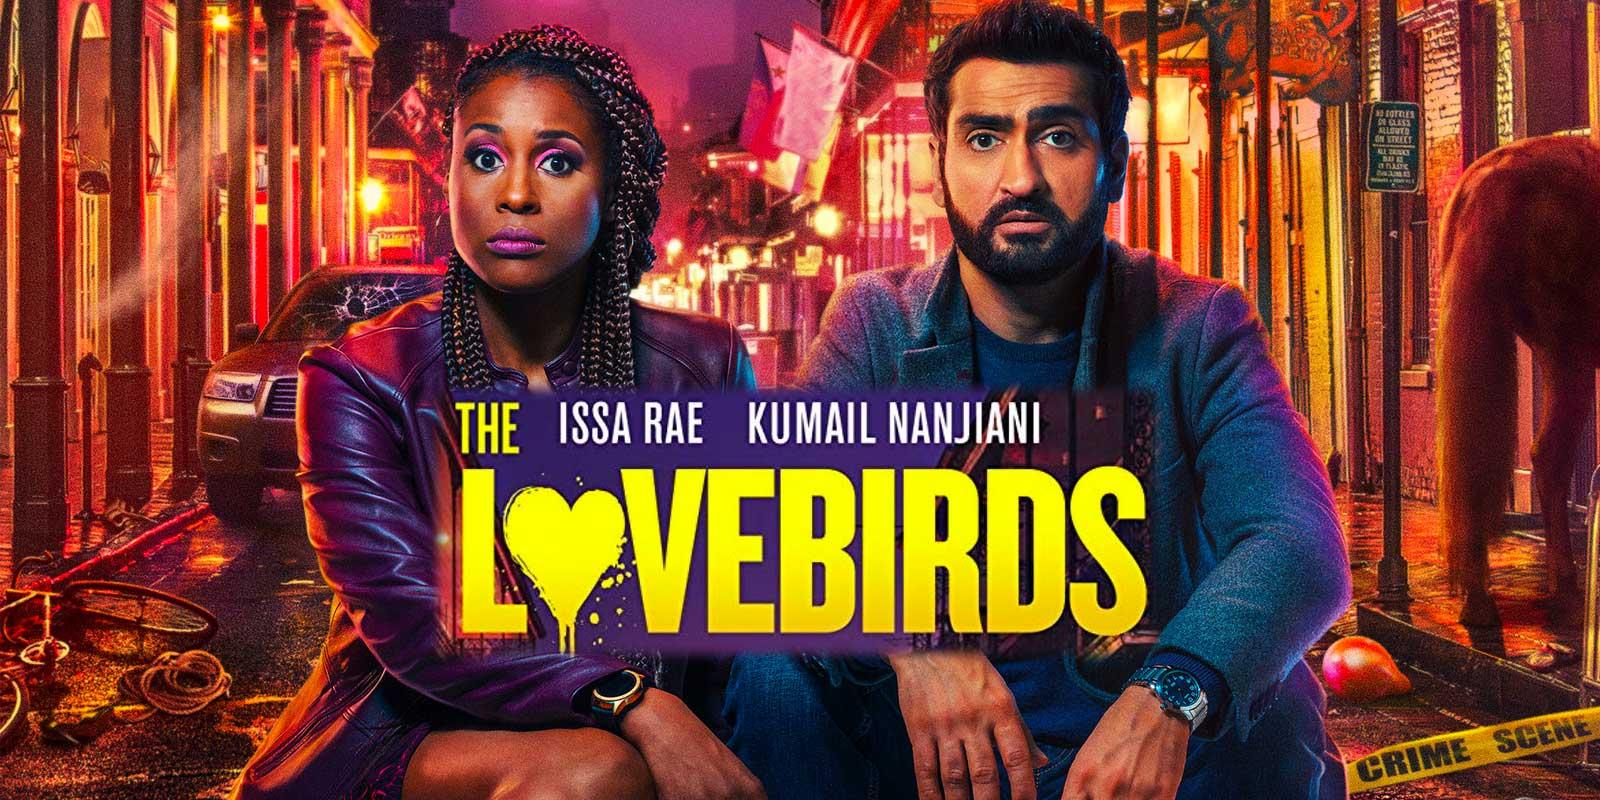 Любовнички (2020) — The Lovebirds